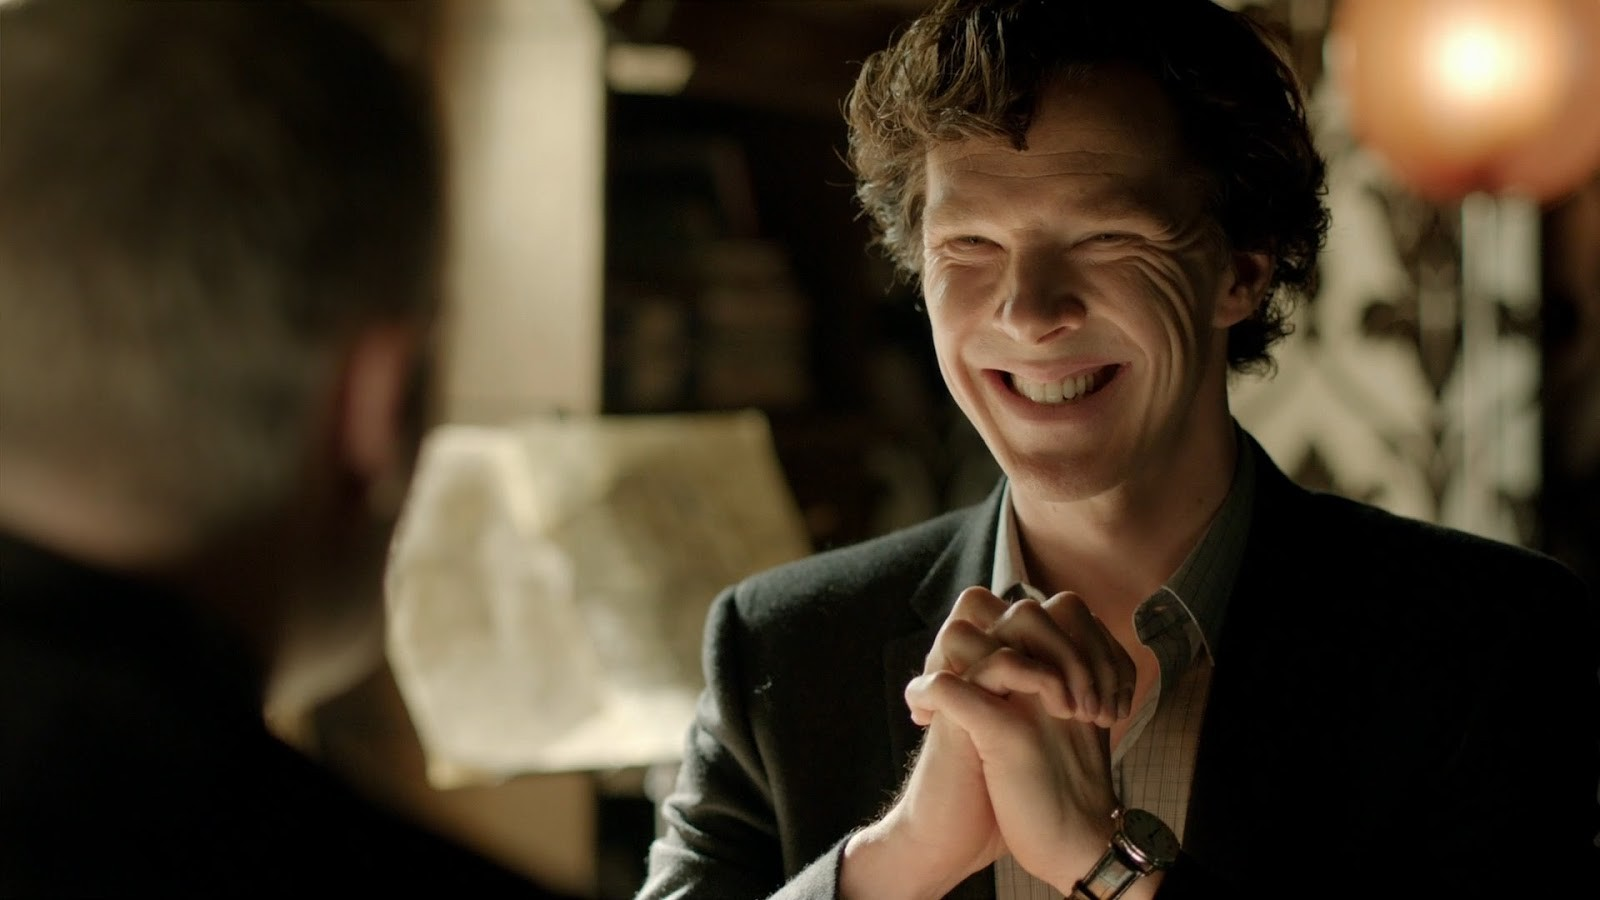 Утечка эпизода «Шерлока» произошла из-за нарушения сотрудником Первого канала правил безопасности